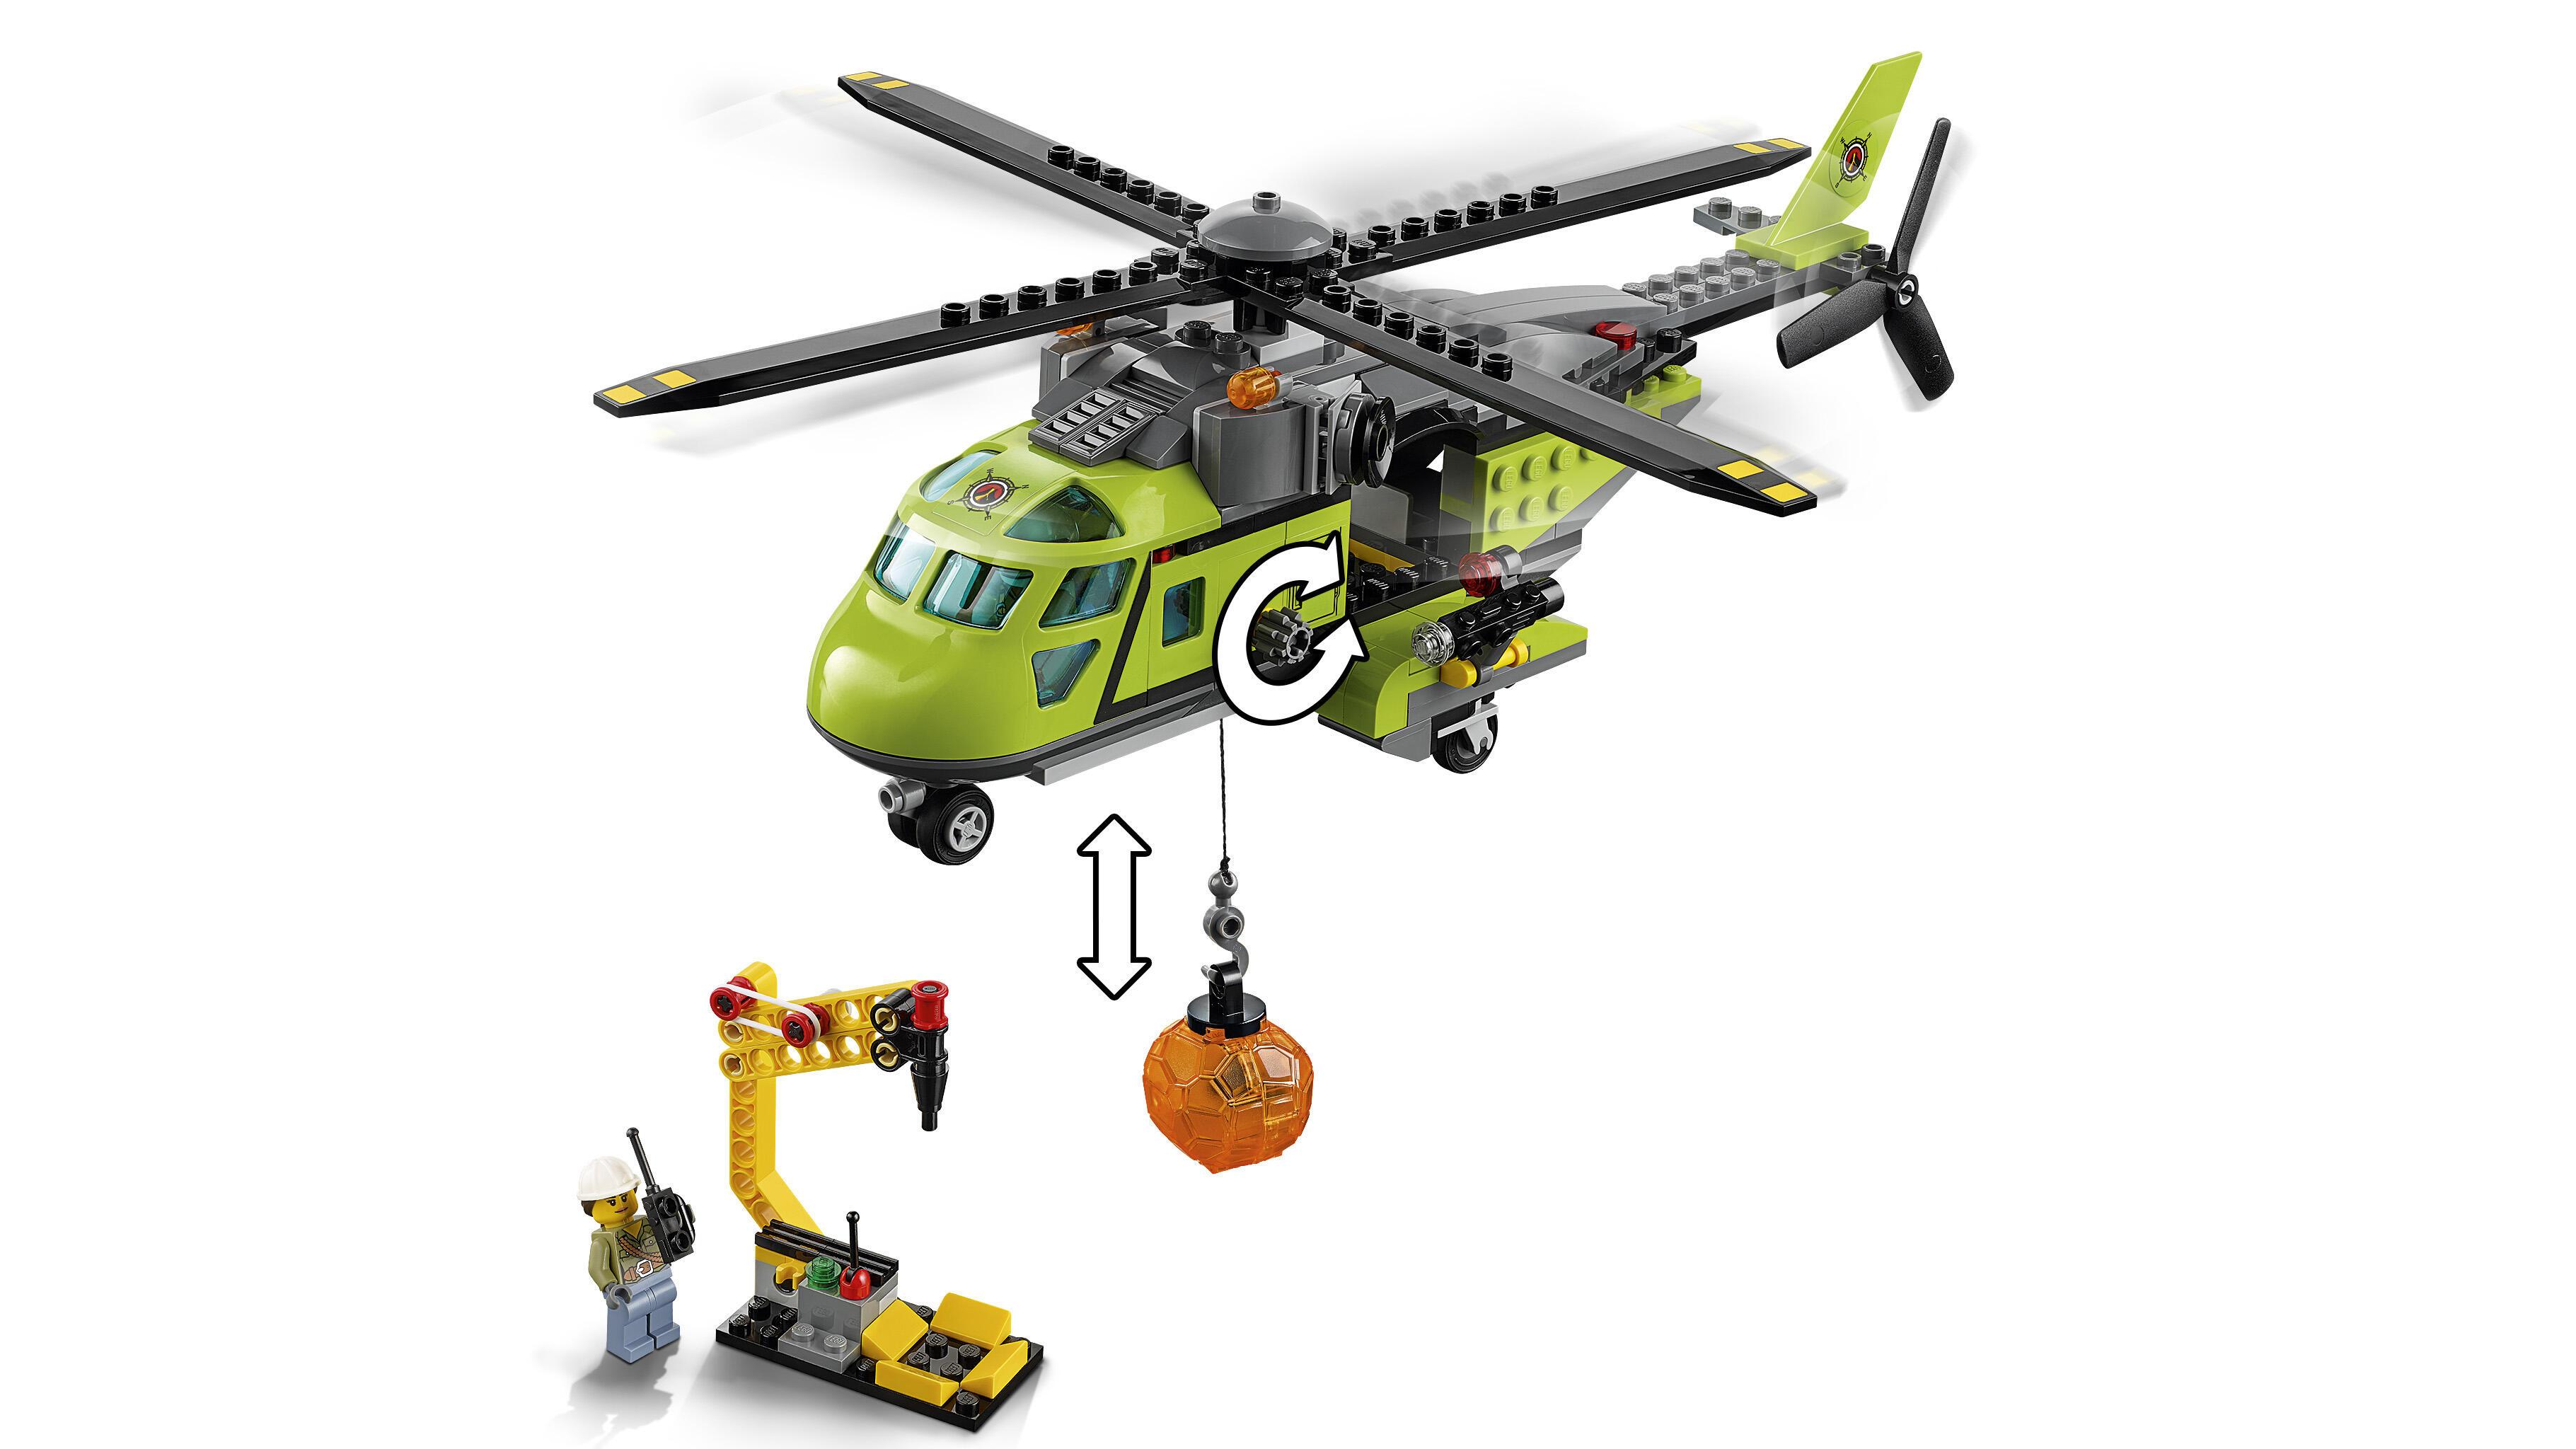 Elicottero In Inglese : Lego city elicottero dei rifornimenti vulcanico